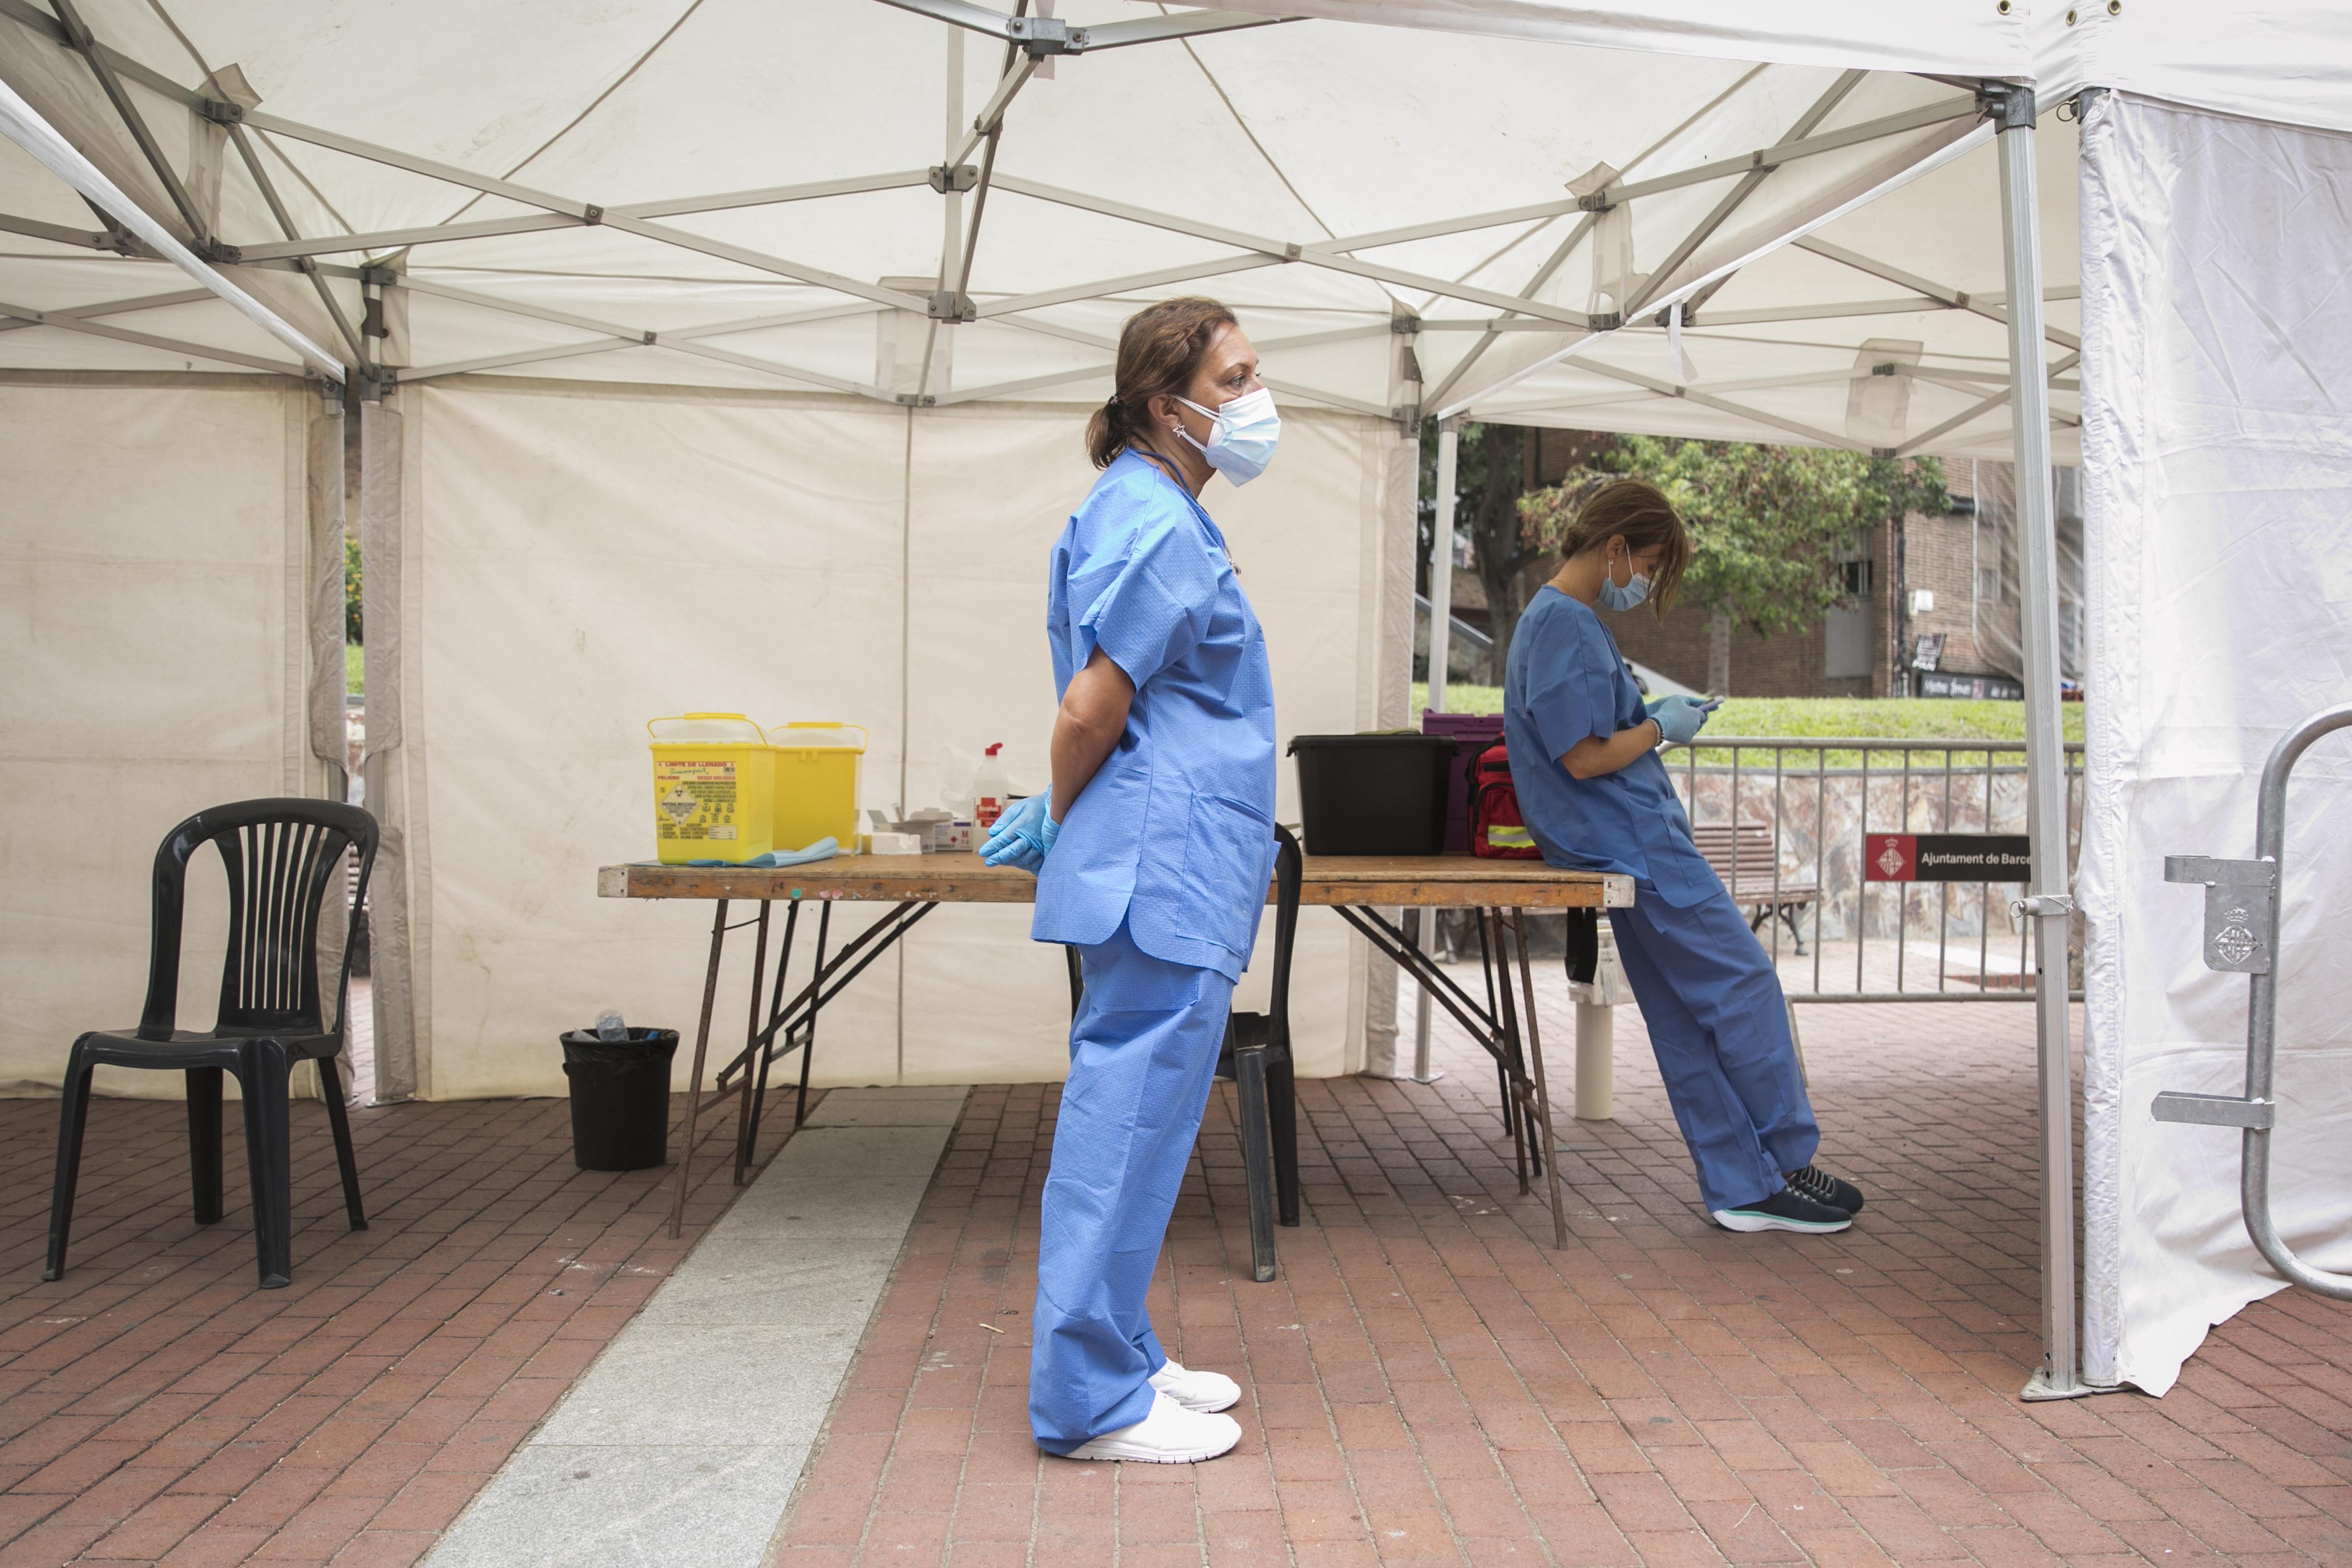 Las vacunas empiezan a caducar en Cataluña tras la caída del ritmo de inoculación